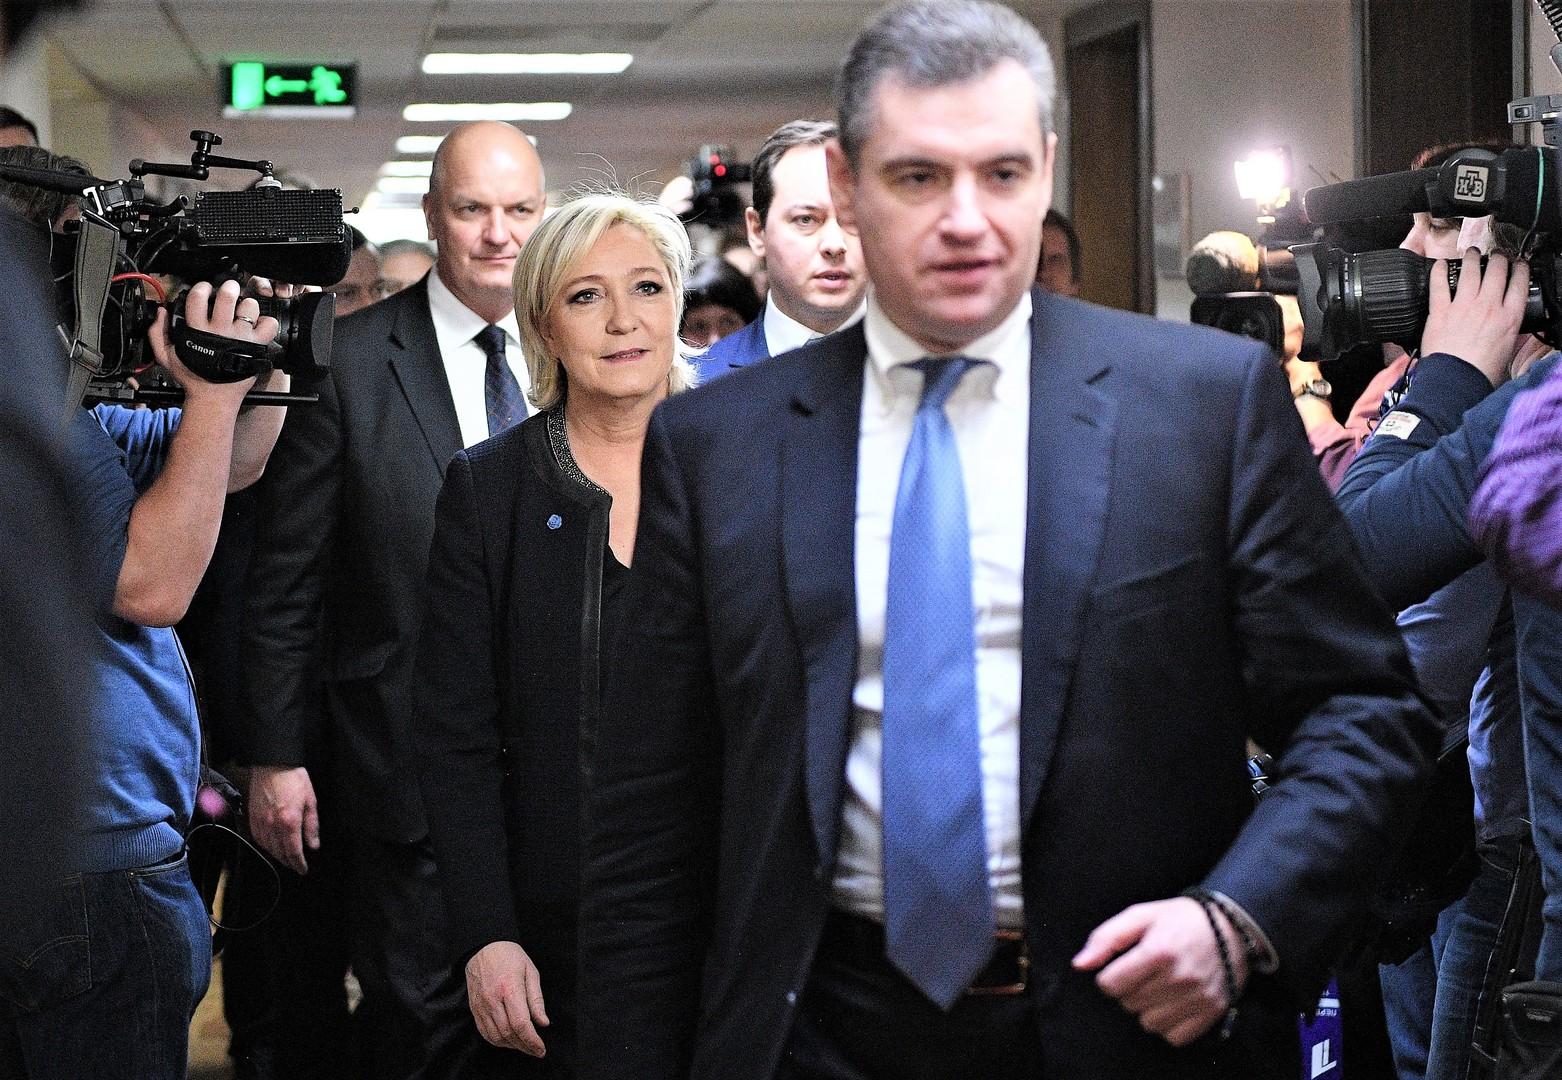 Russland zum Macron-Sieg: Viel Skepsis, trotzdem Hoffnung